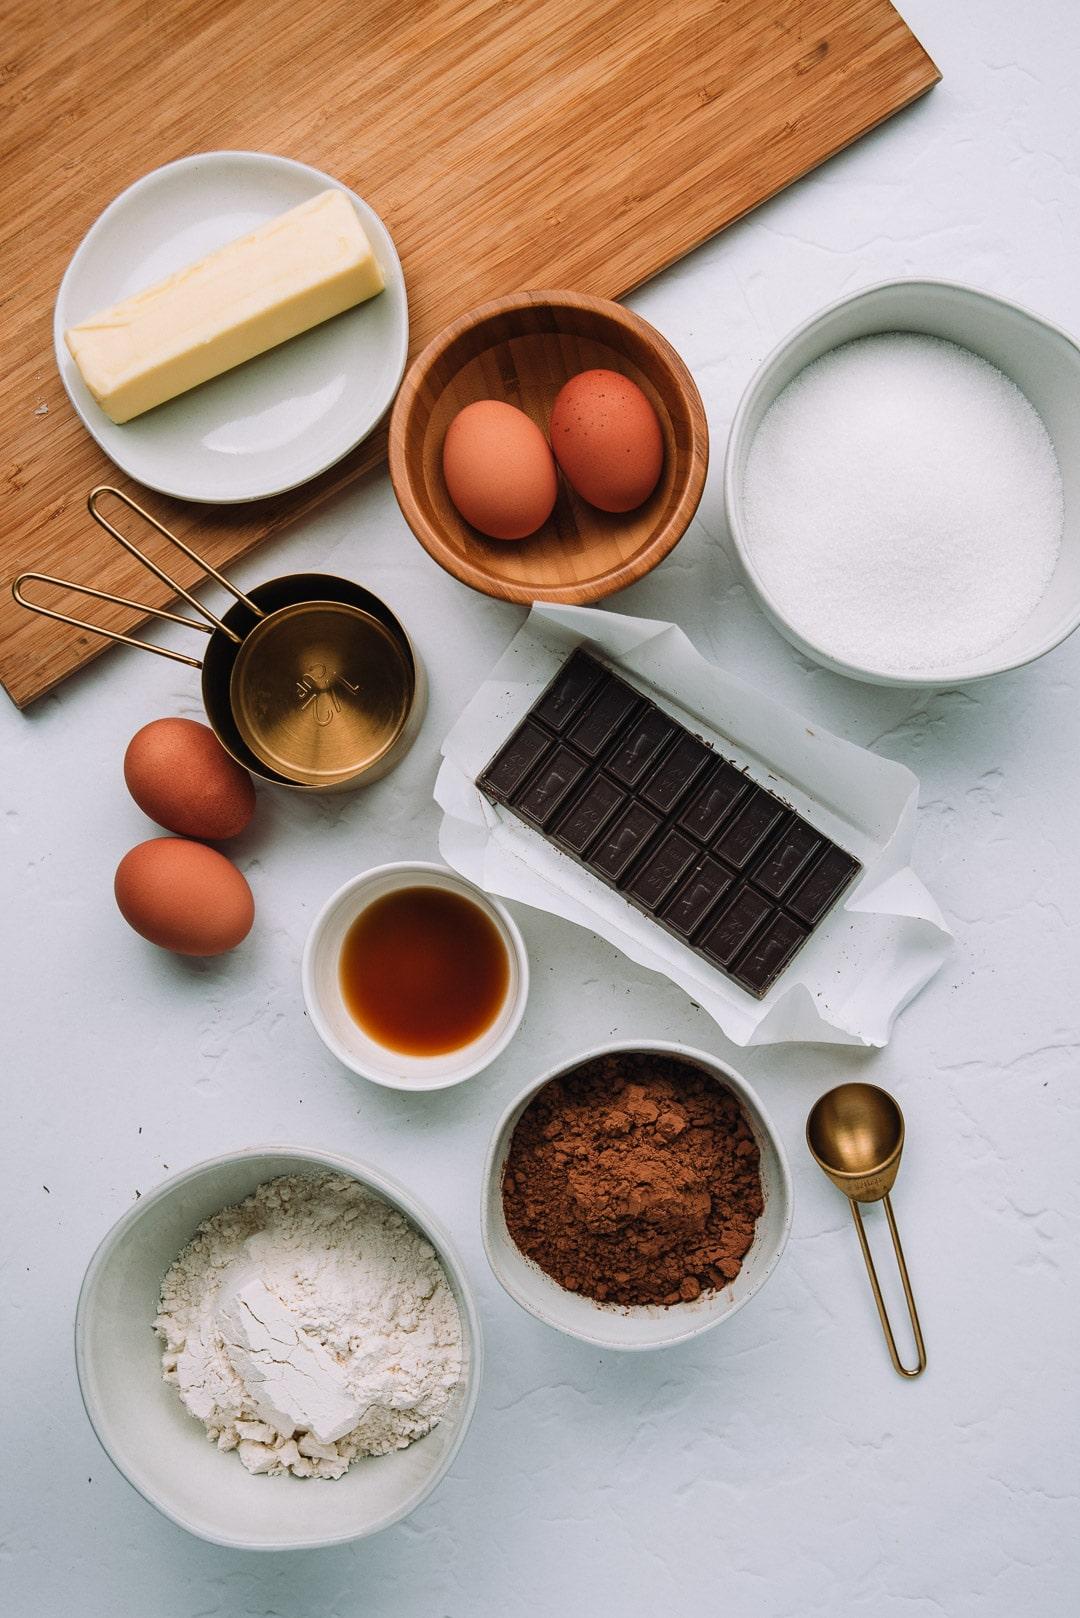 Chocolate Fudge Brownies ingredients